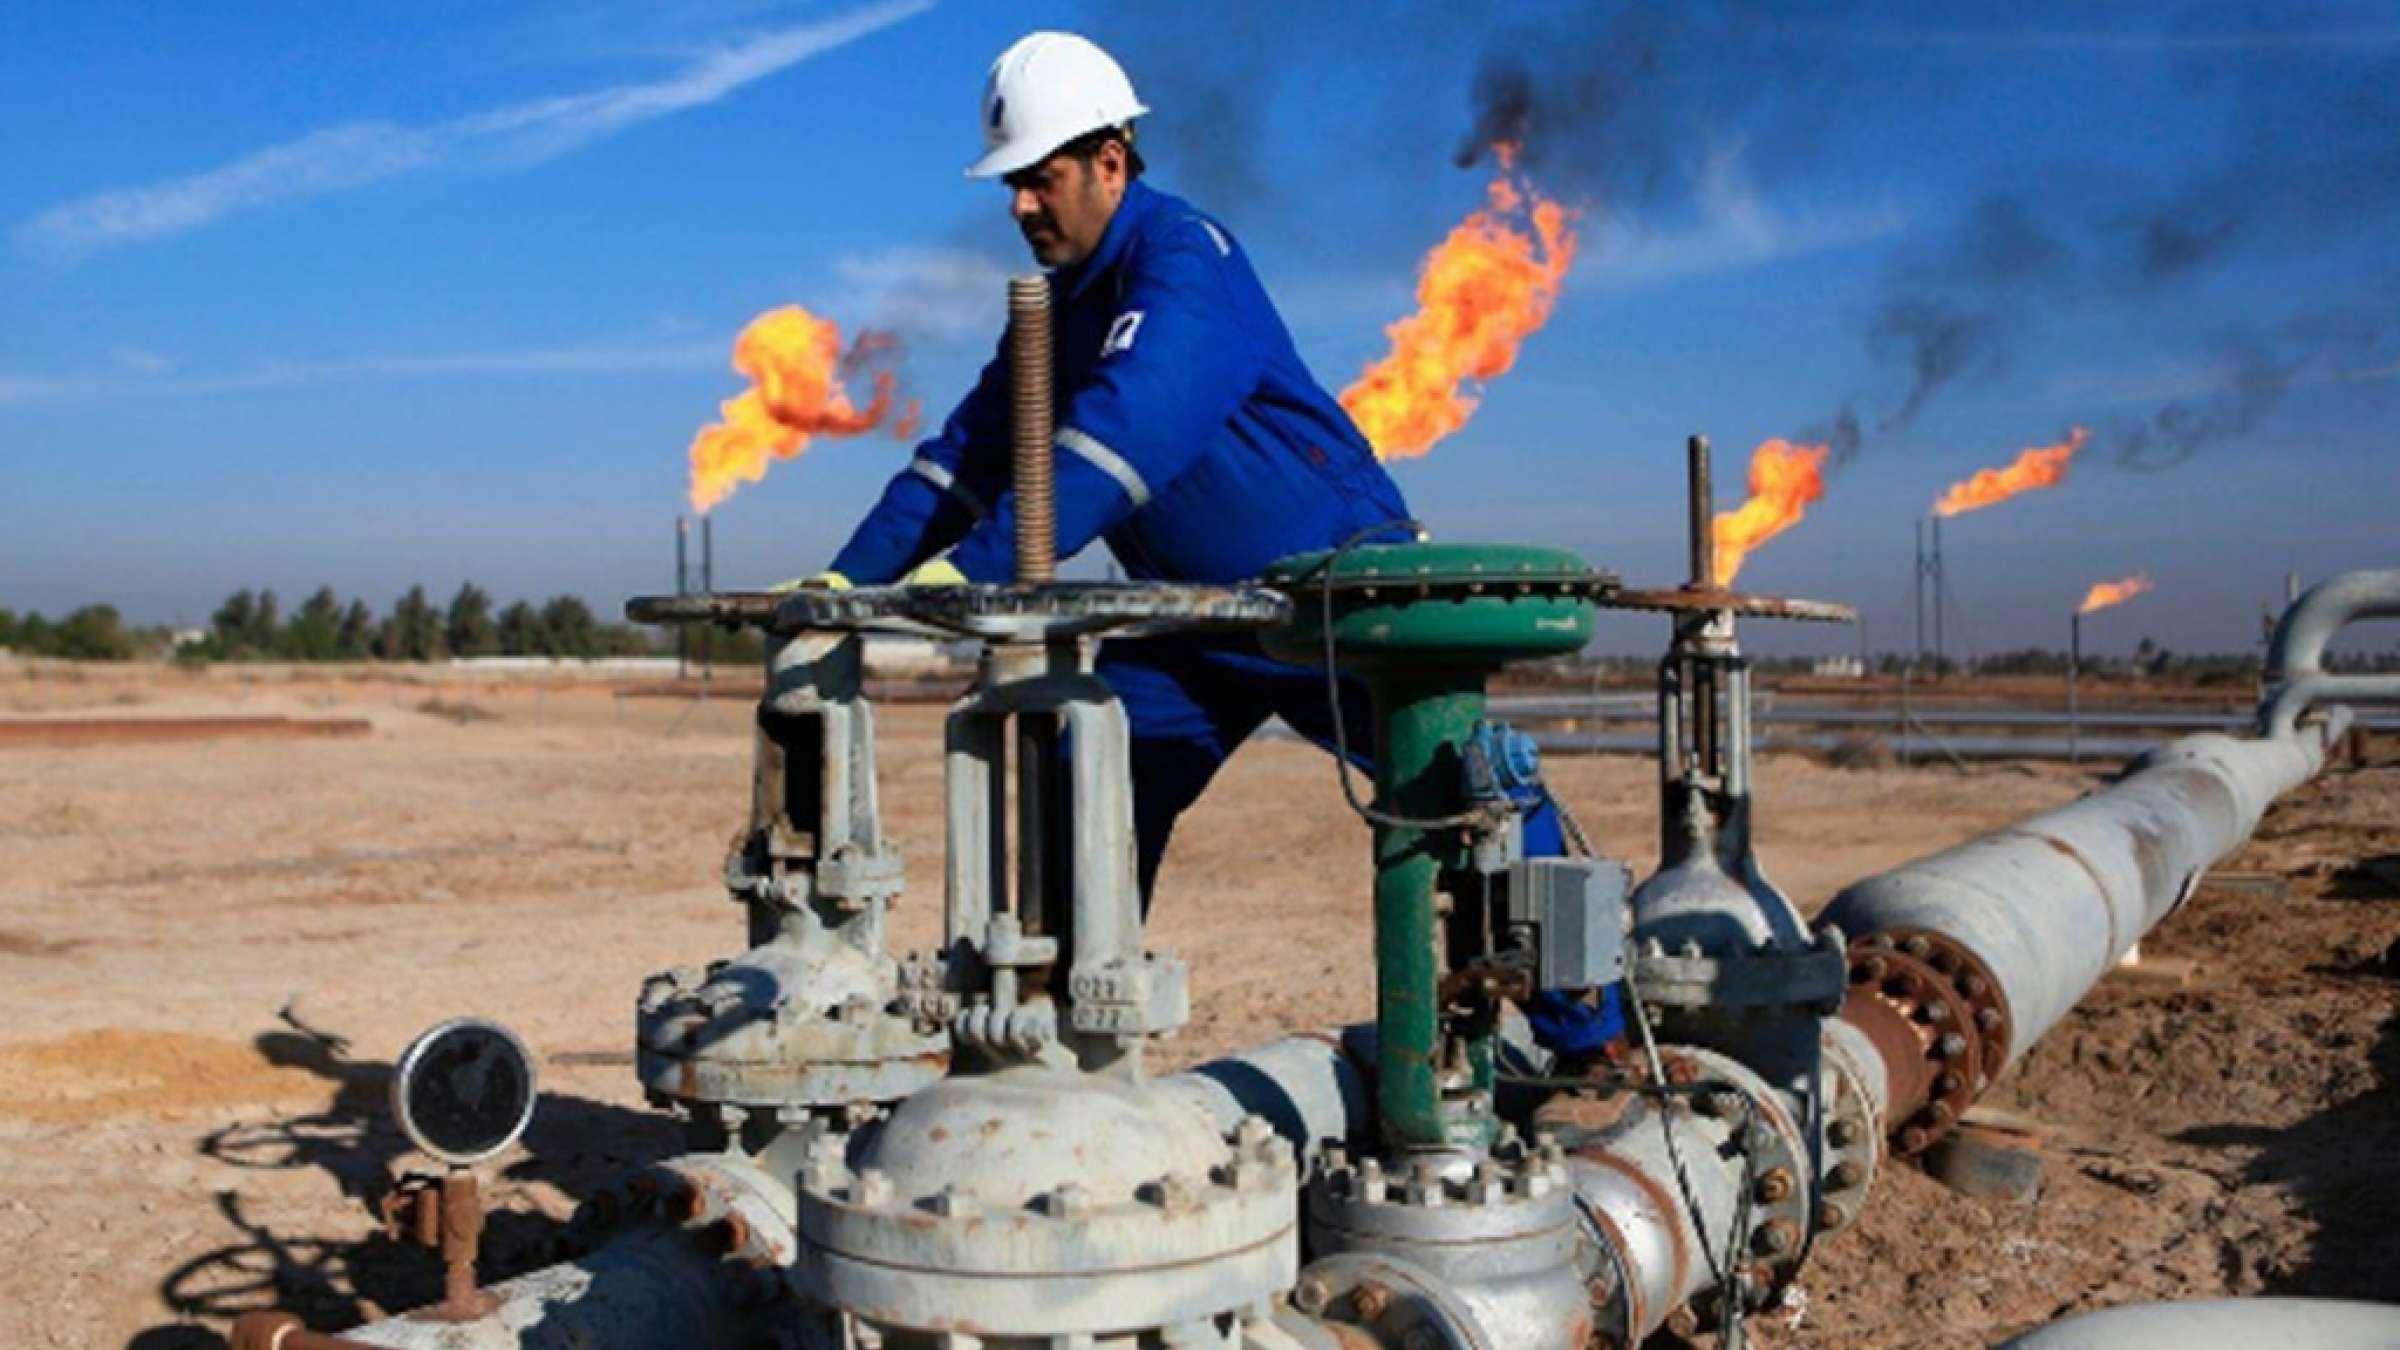 اقتصاد-تنباکویی-آمریکا-معافیت-عراق-از-واردات-گاز-ایران-را-تمدید-می-کند